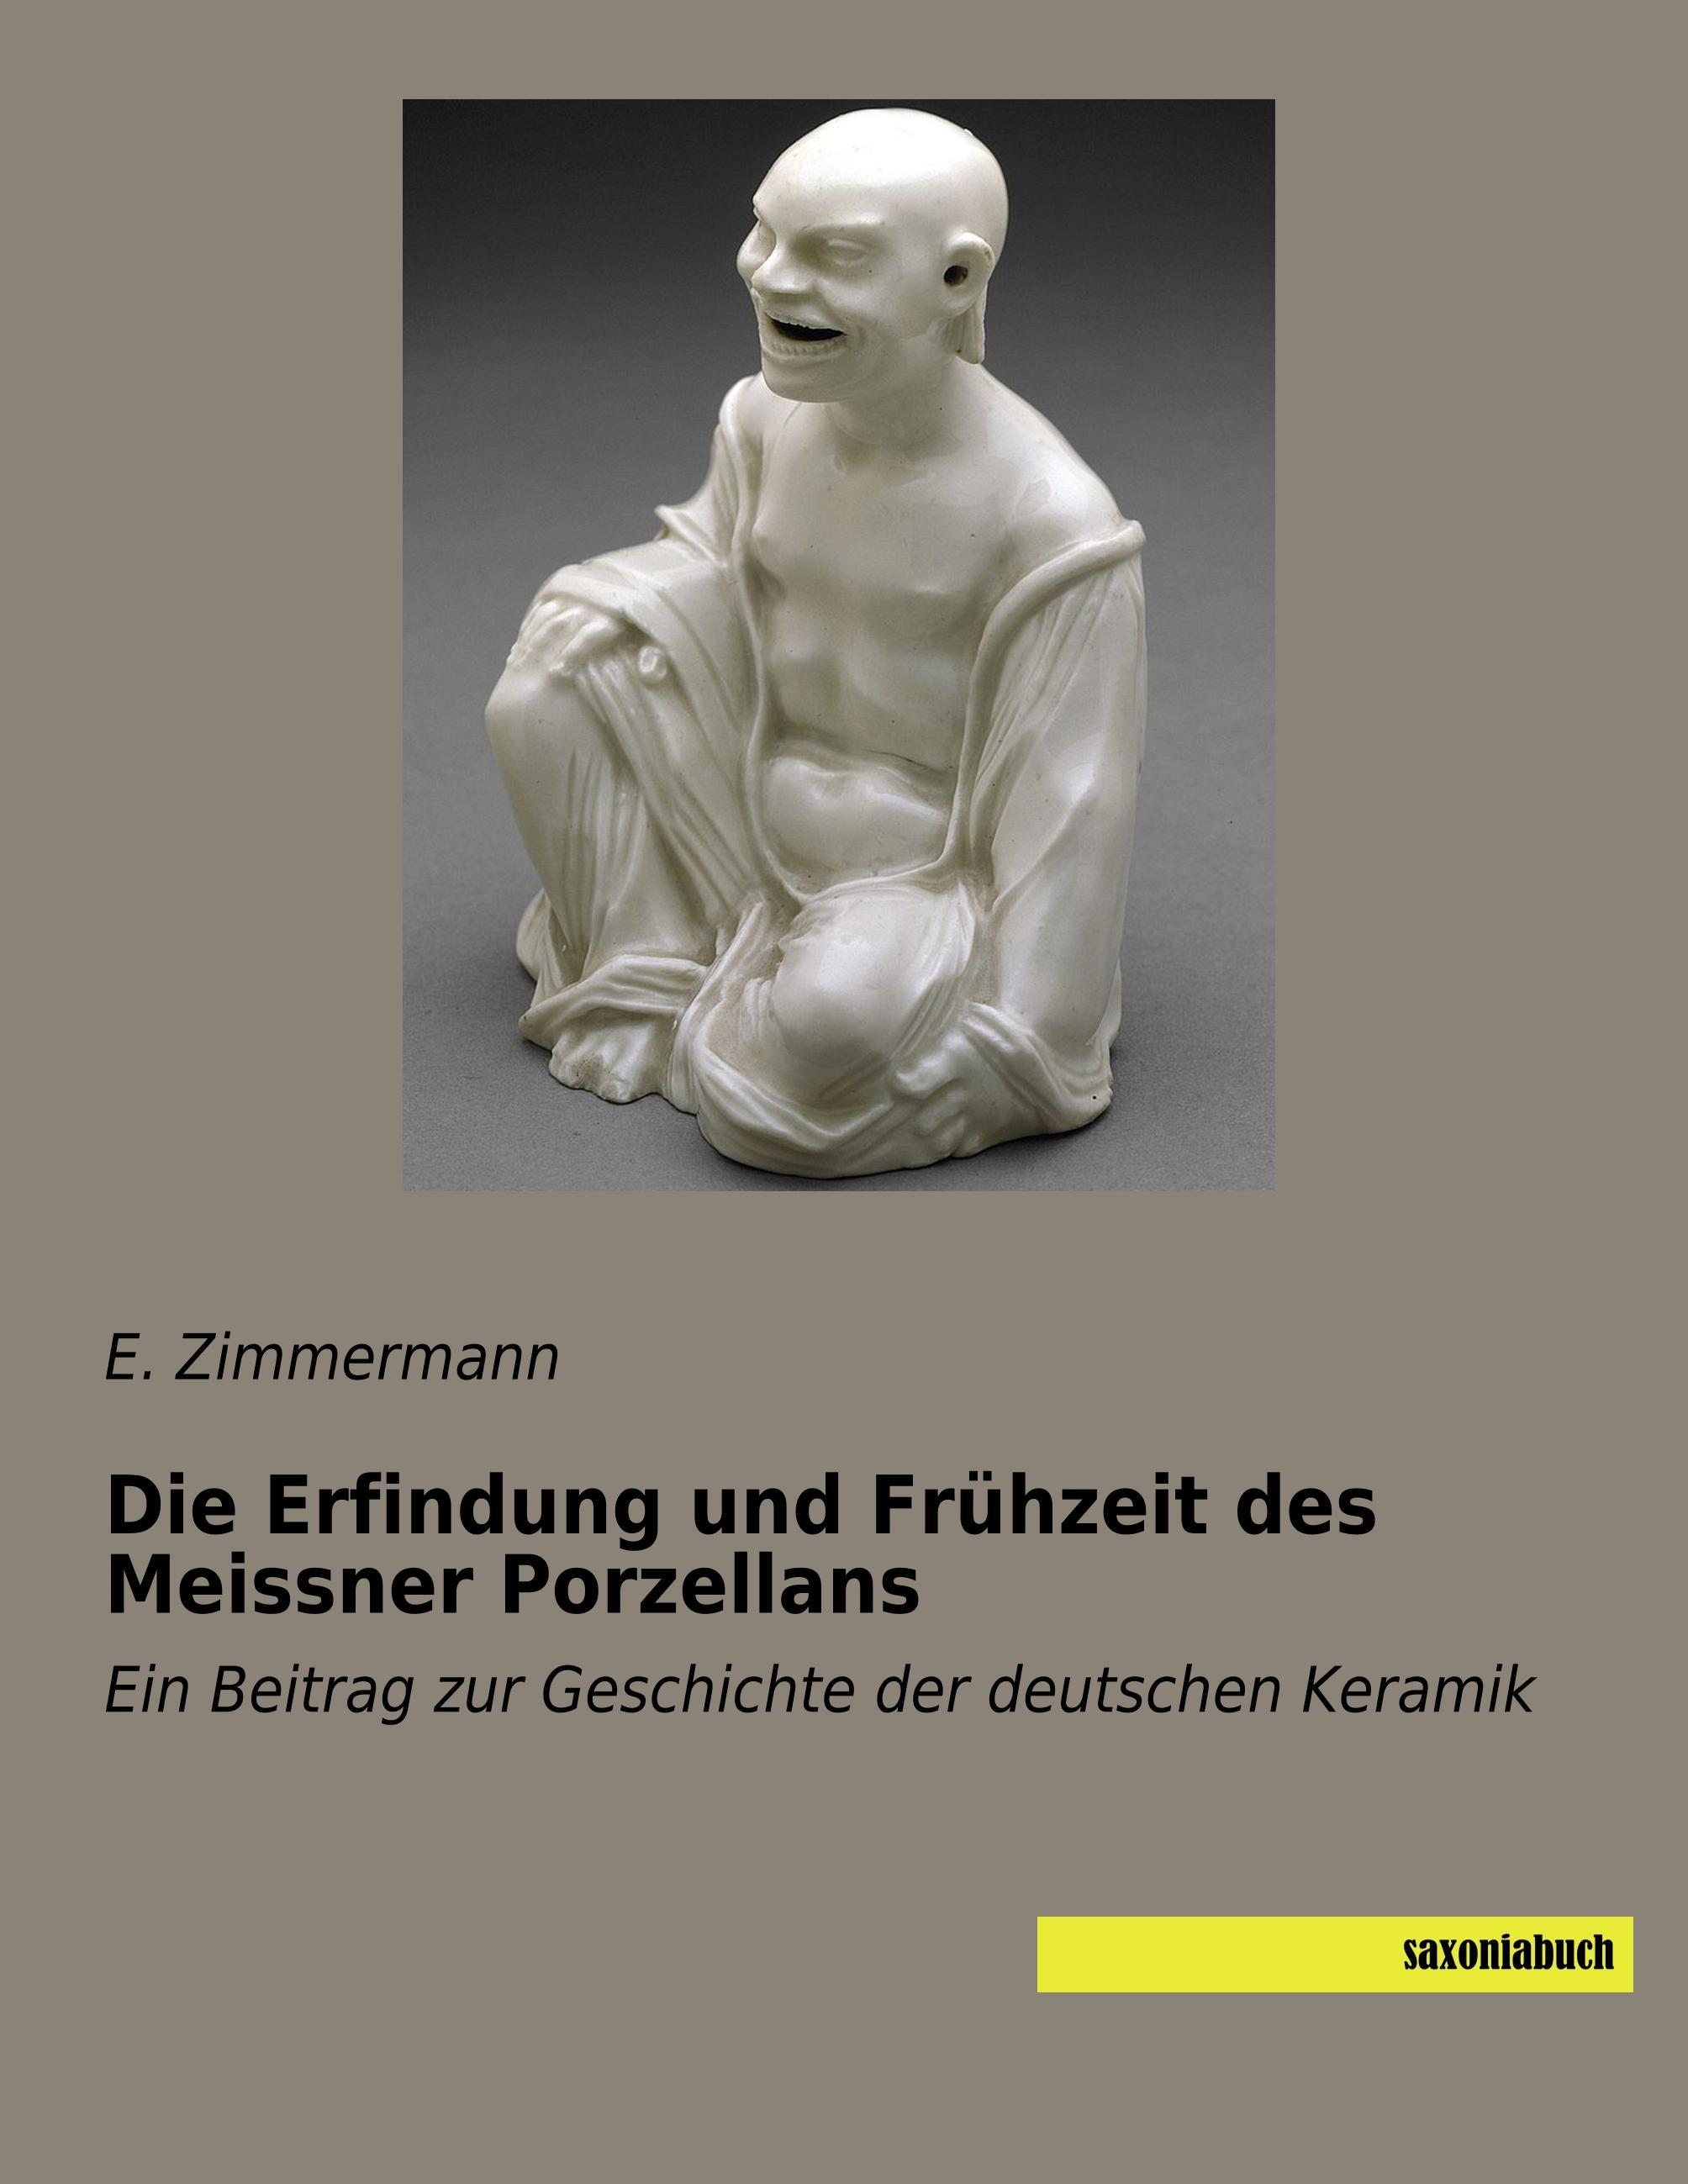 Die Erfindung und Frühzeit des Meissner Porzellans  Ein Beitrag zur Geschichte der deutschen Keramik  E. Zimmermann  Taschenbuch  Deutsch  2018